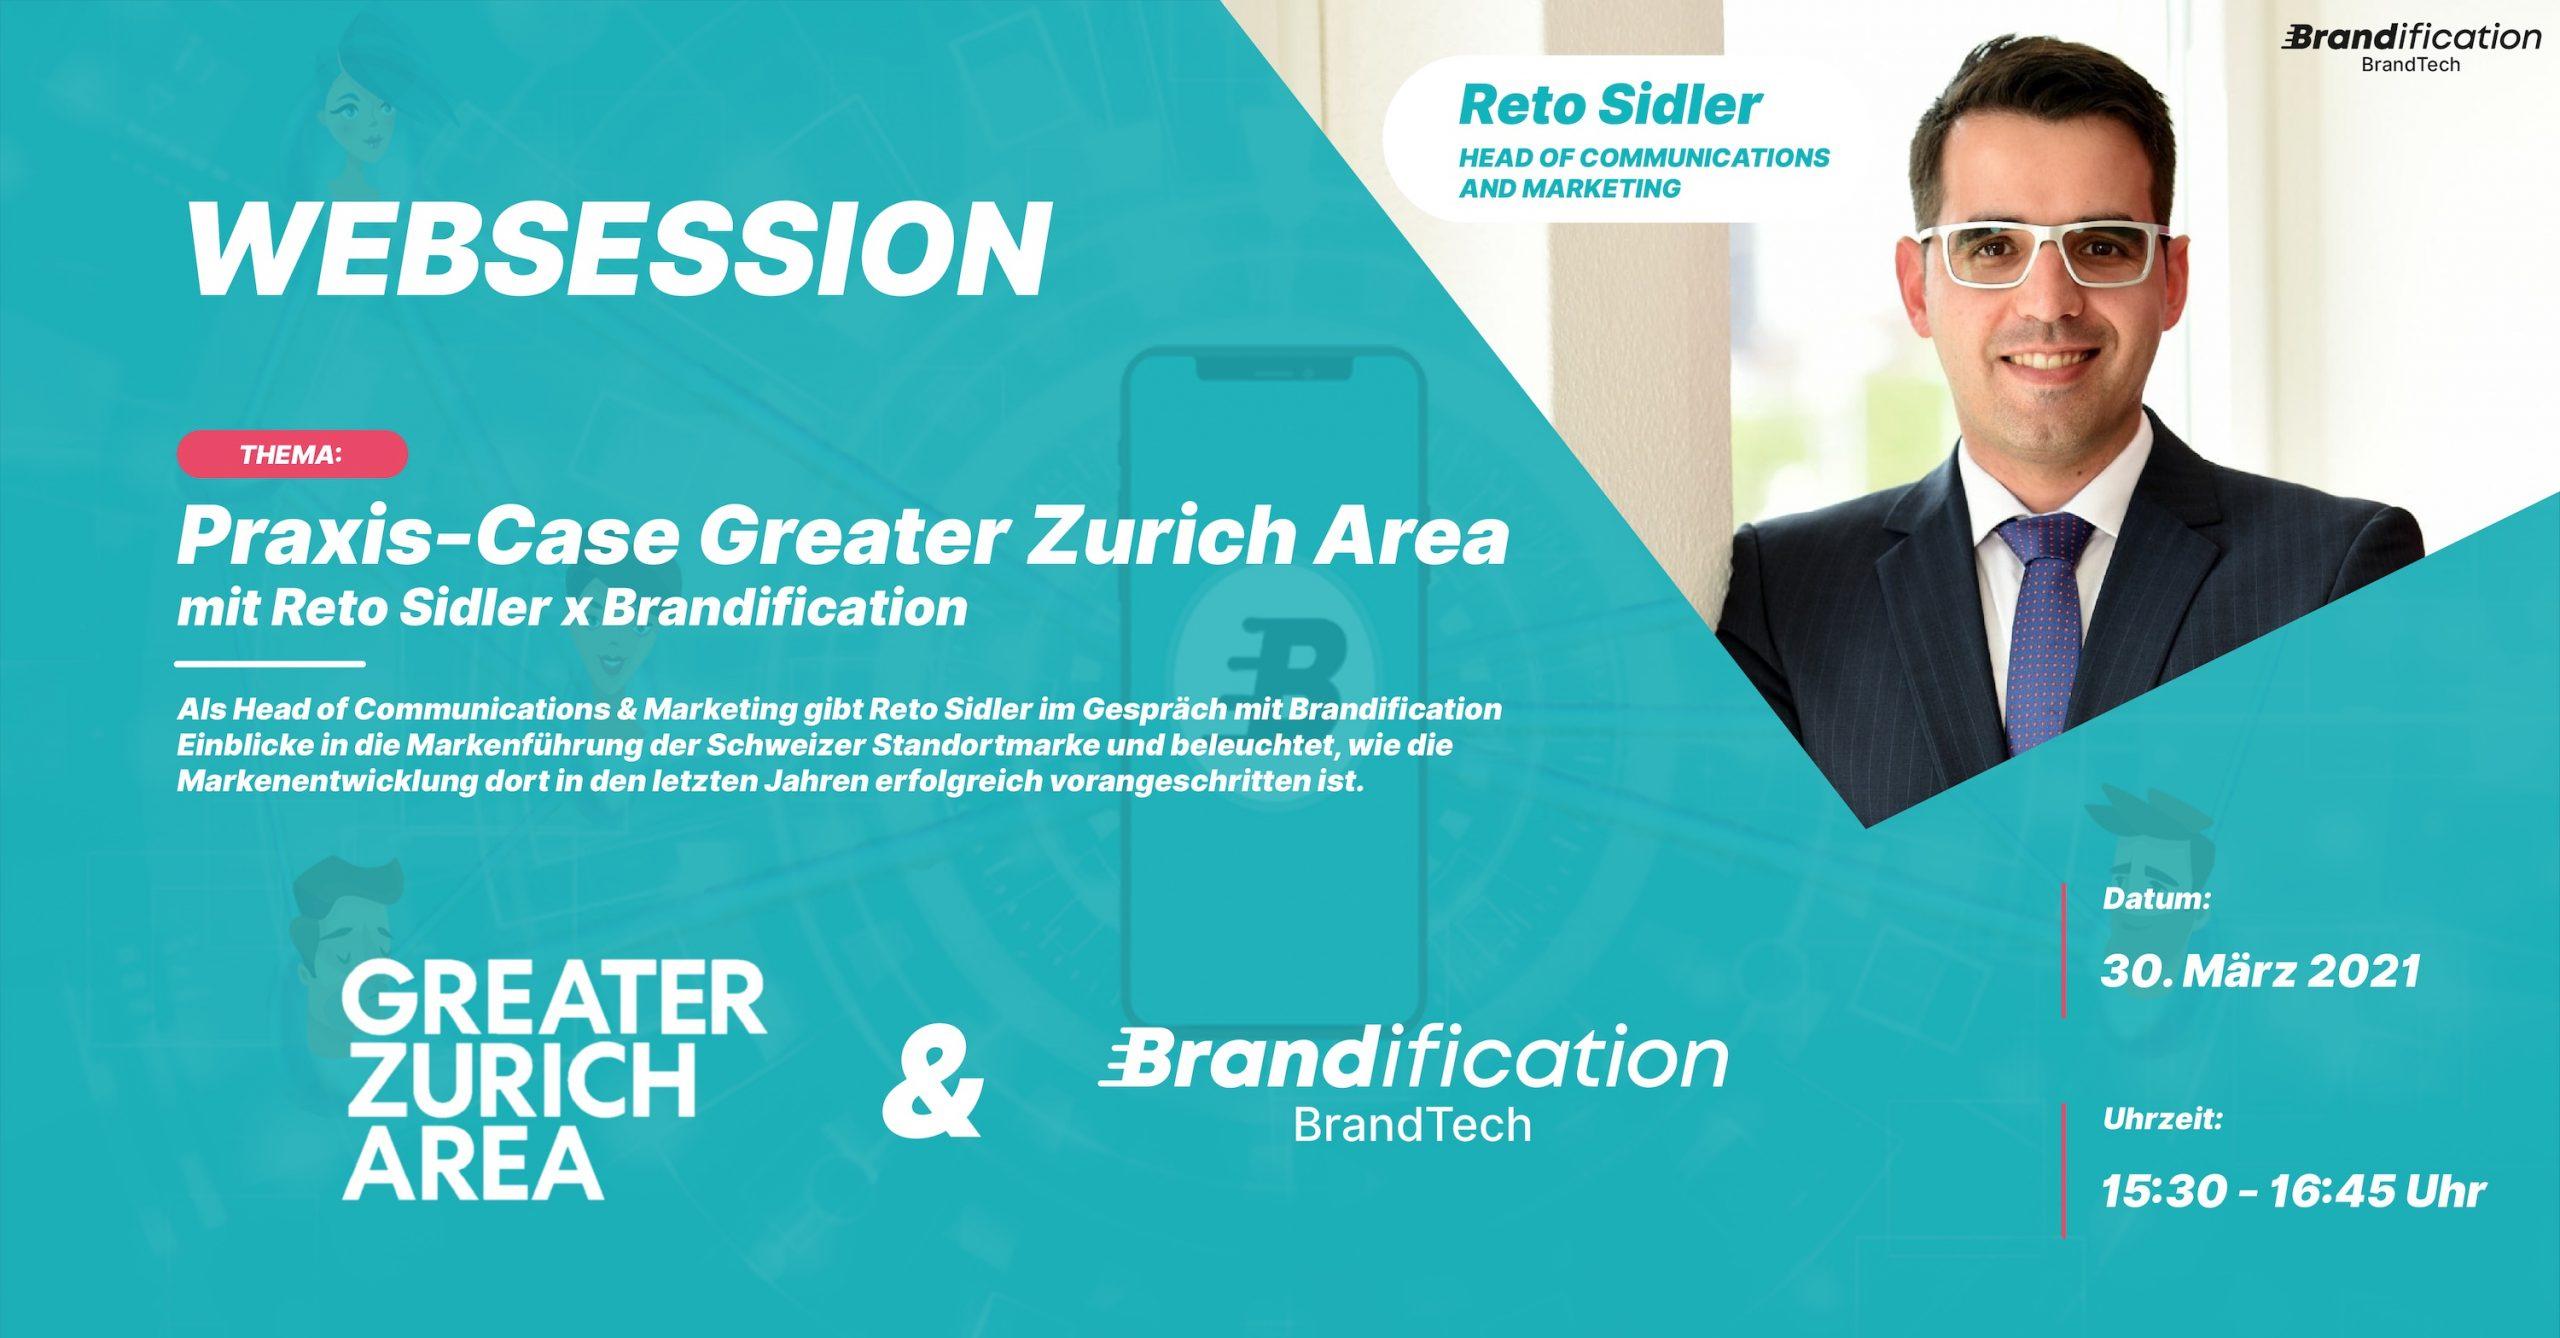 Websession Event Reto Sidler